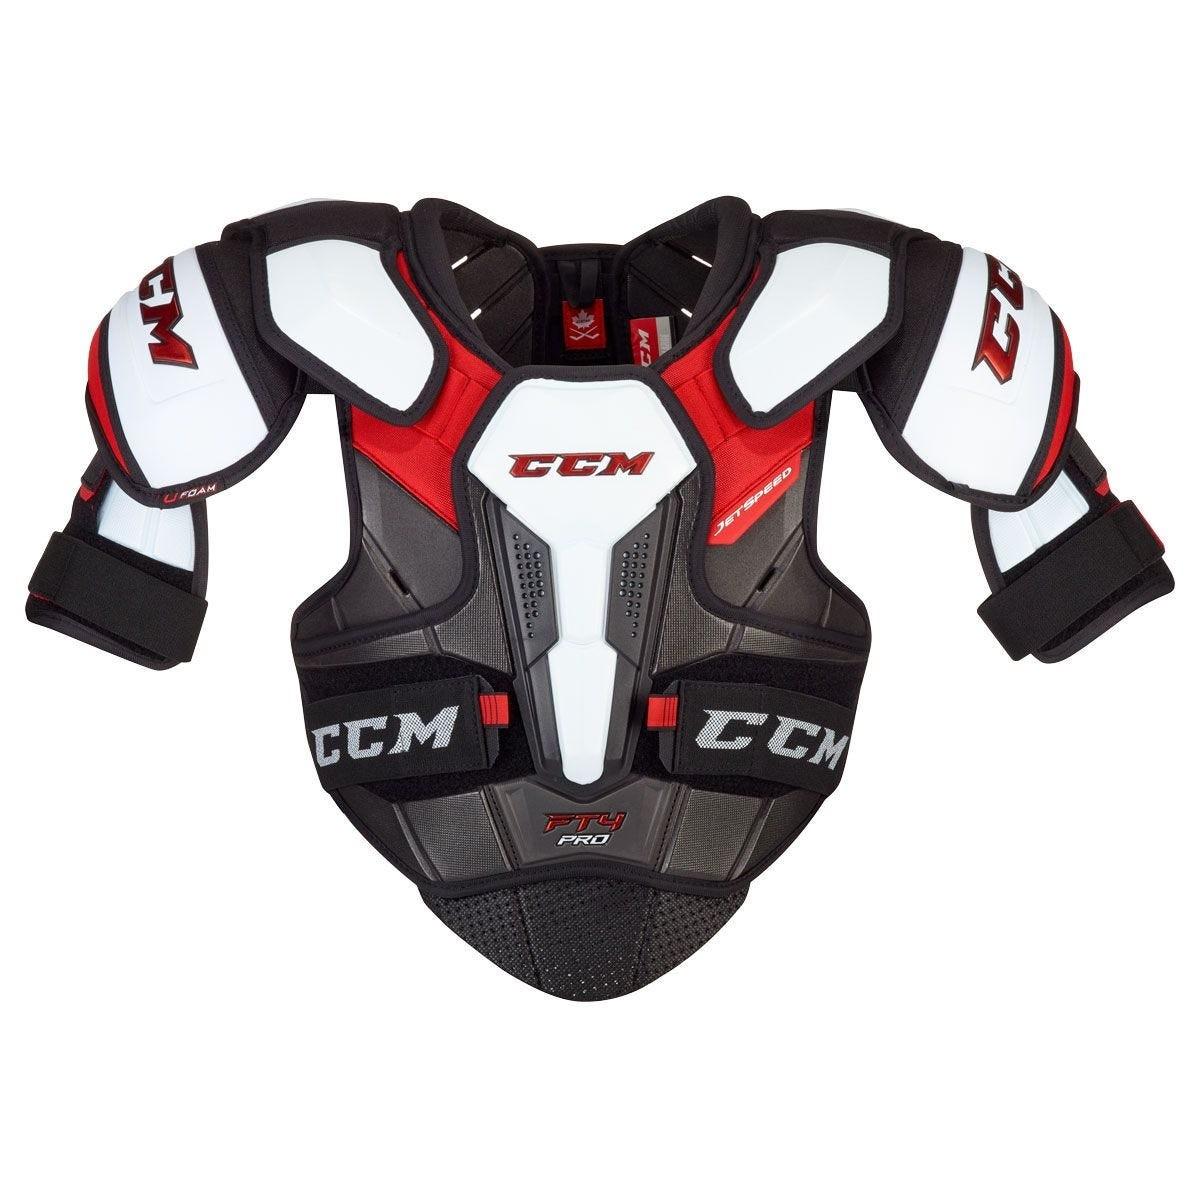 CCM Jetspeed FT4 Pro Senior Shoulder Pads